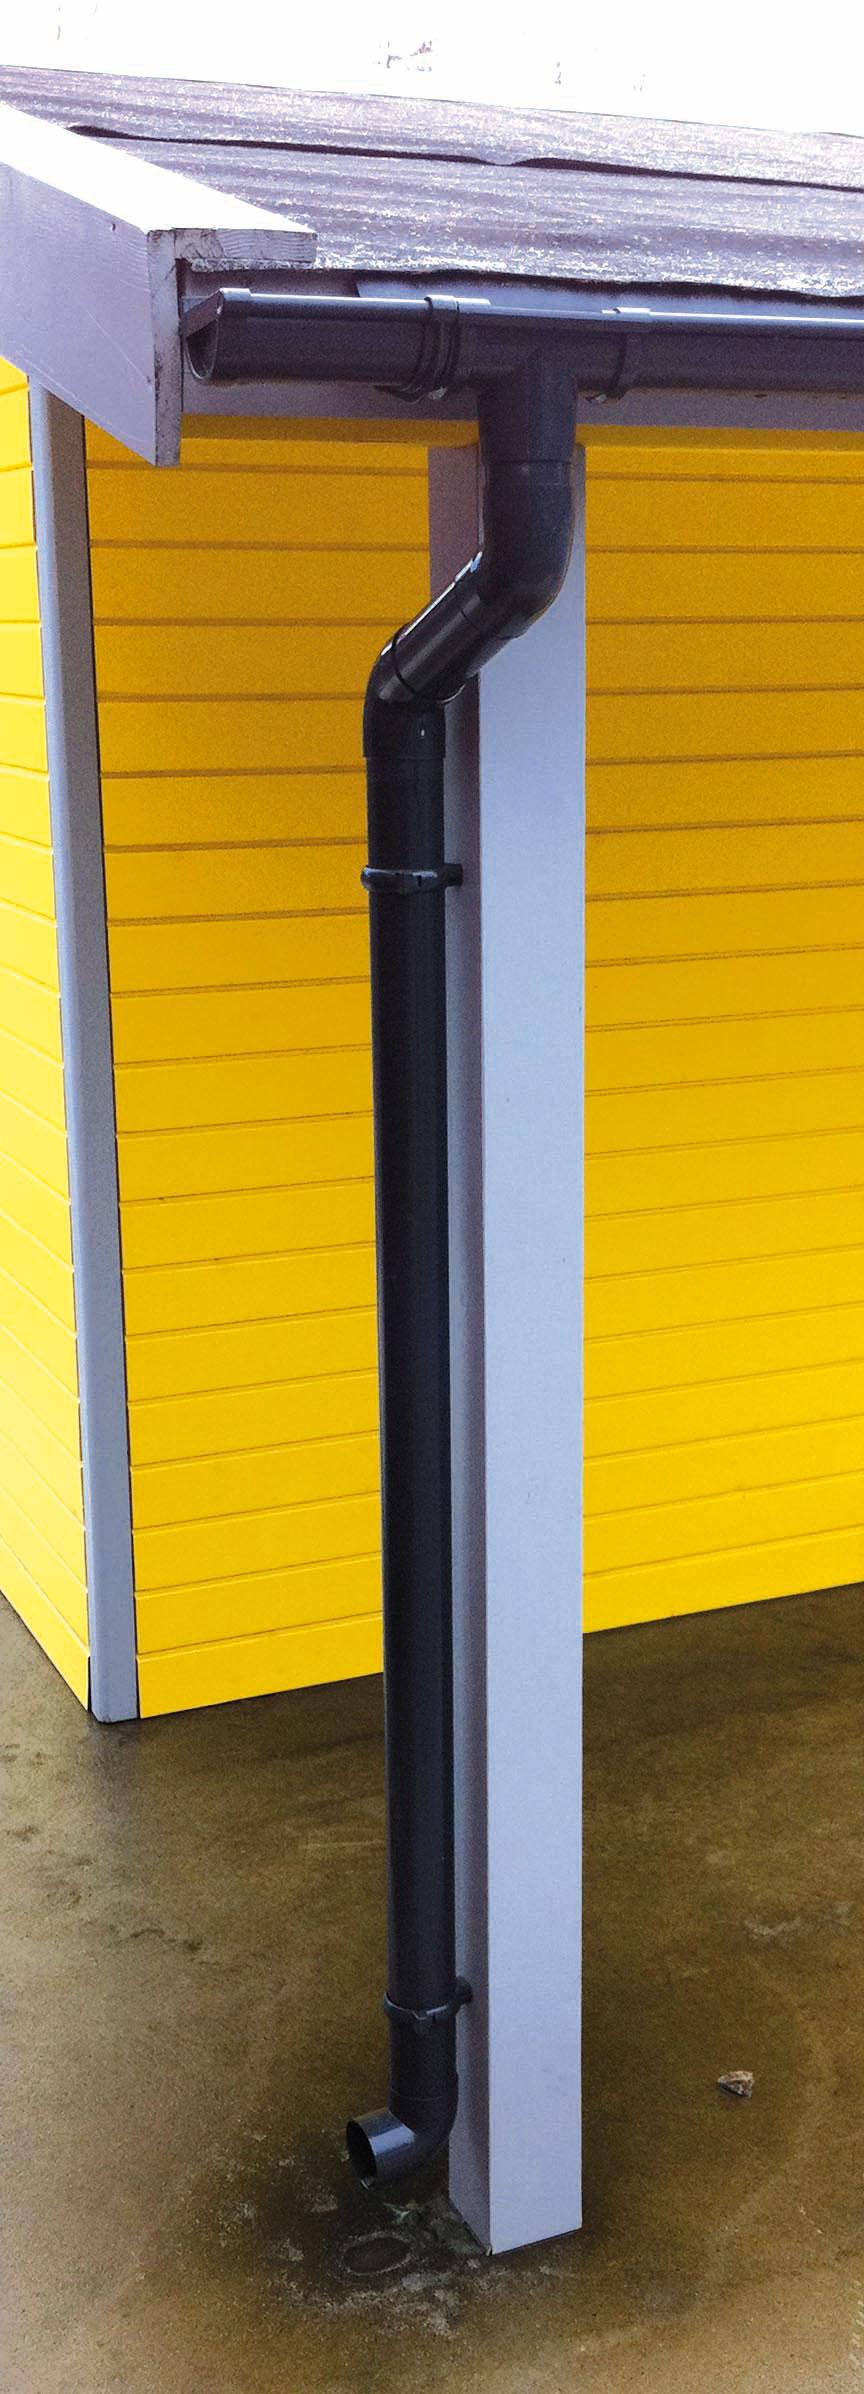 Fallrohrset Ergänzung F70 Fallrohr DN60 Kastenrinne Typ200 braun 250cm Bild 1